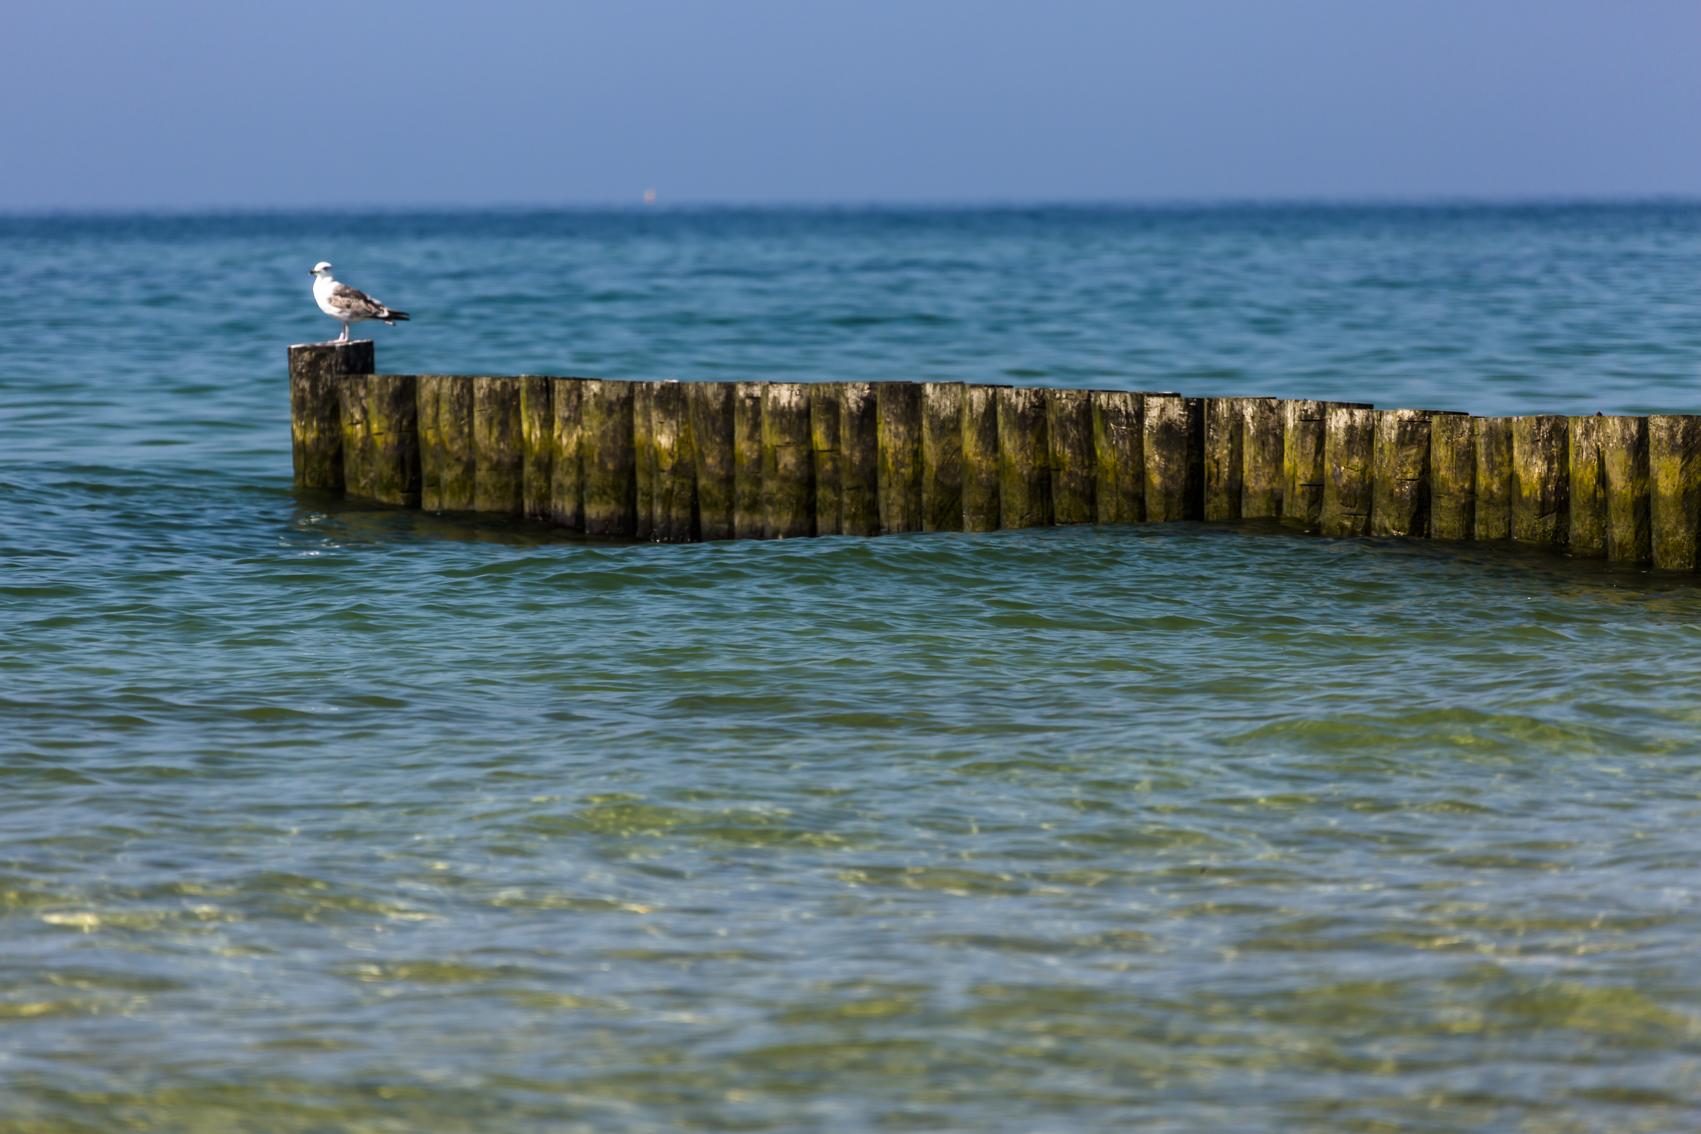 Buhnen FeWos Del Mar Zingst